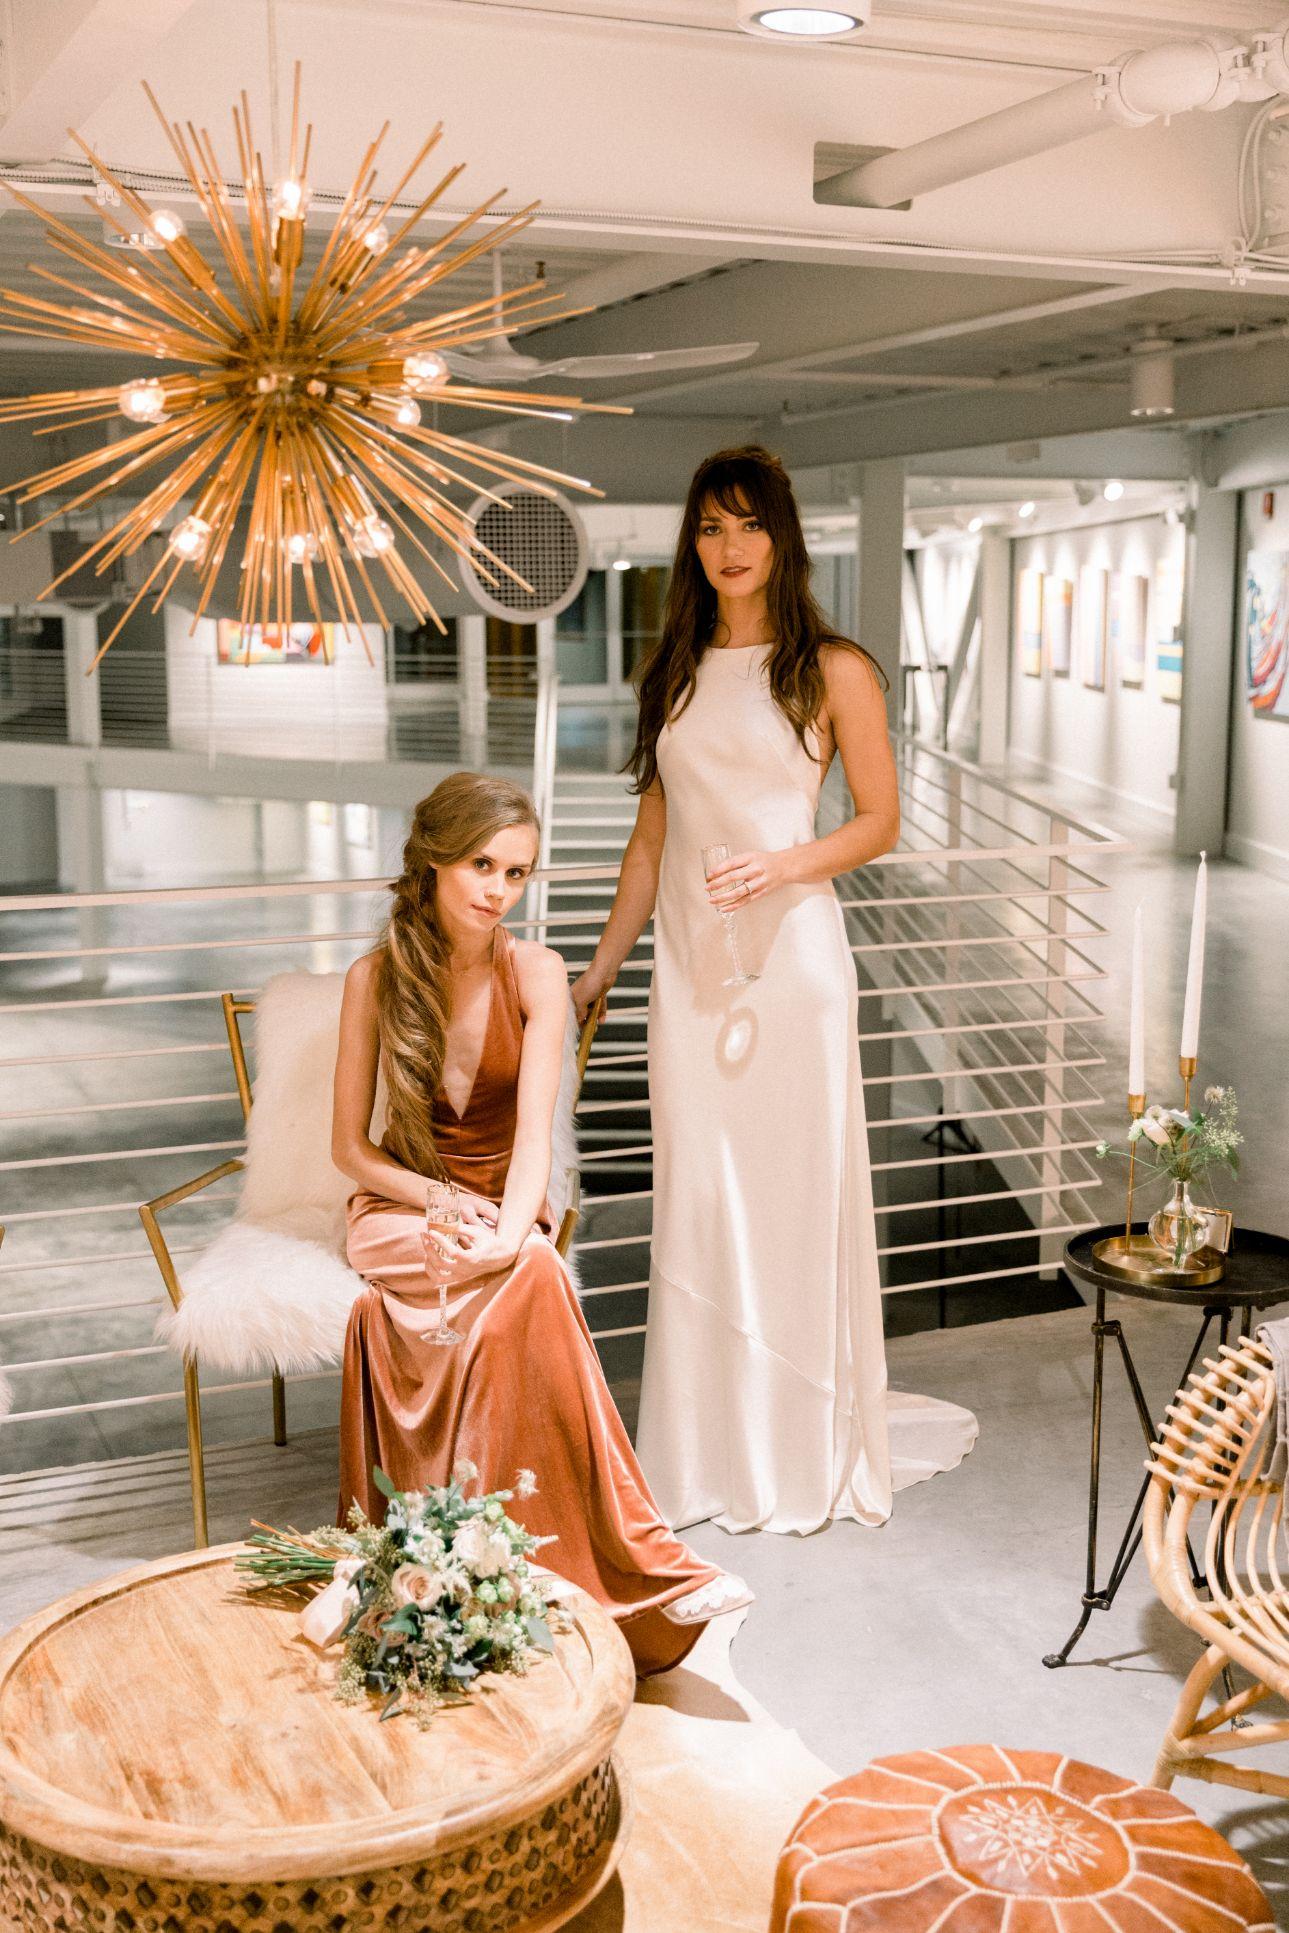 artists-for-humanity-industrial-bohemian-wedding-daylynn-designs367.jpg